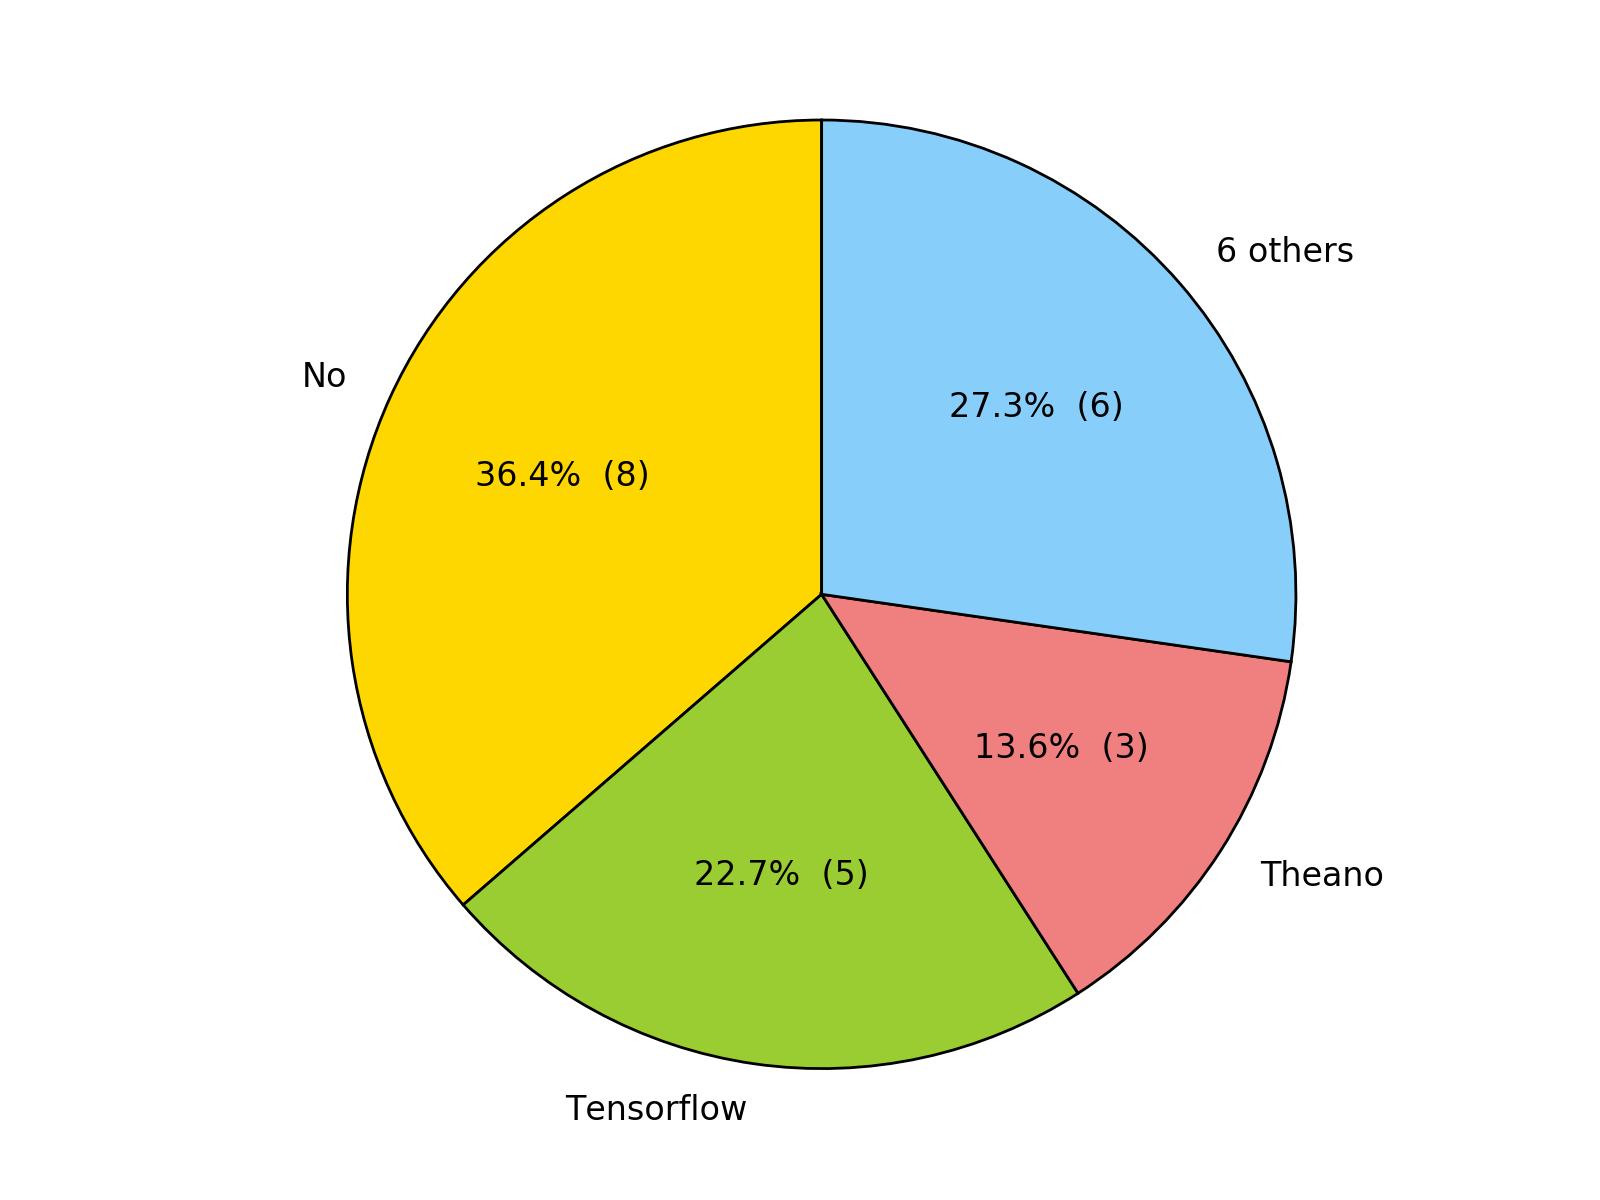 Frameworks pie chart